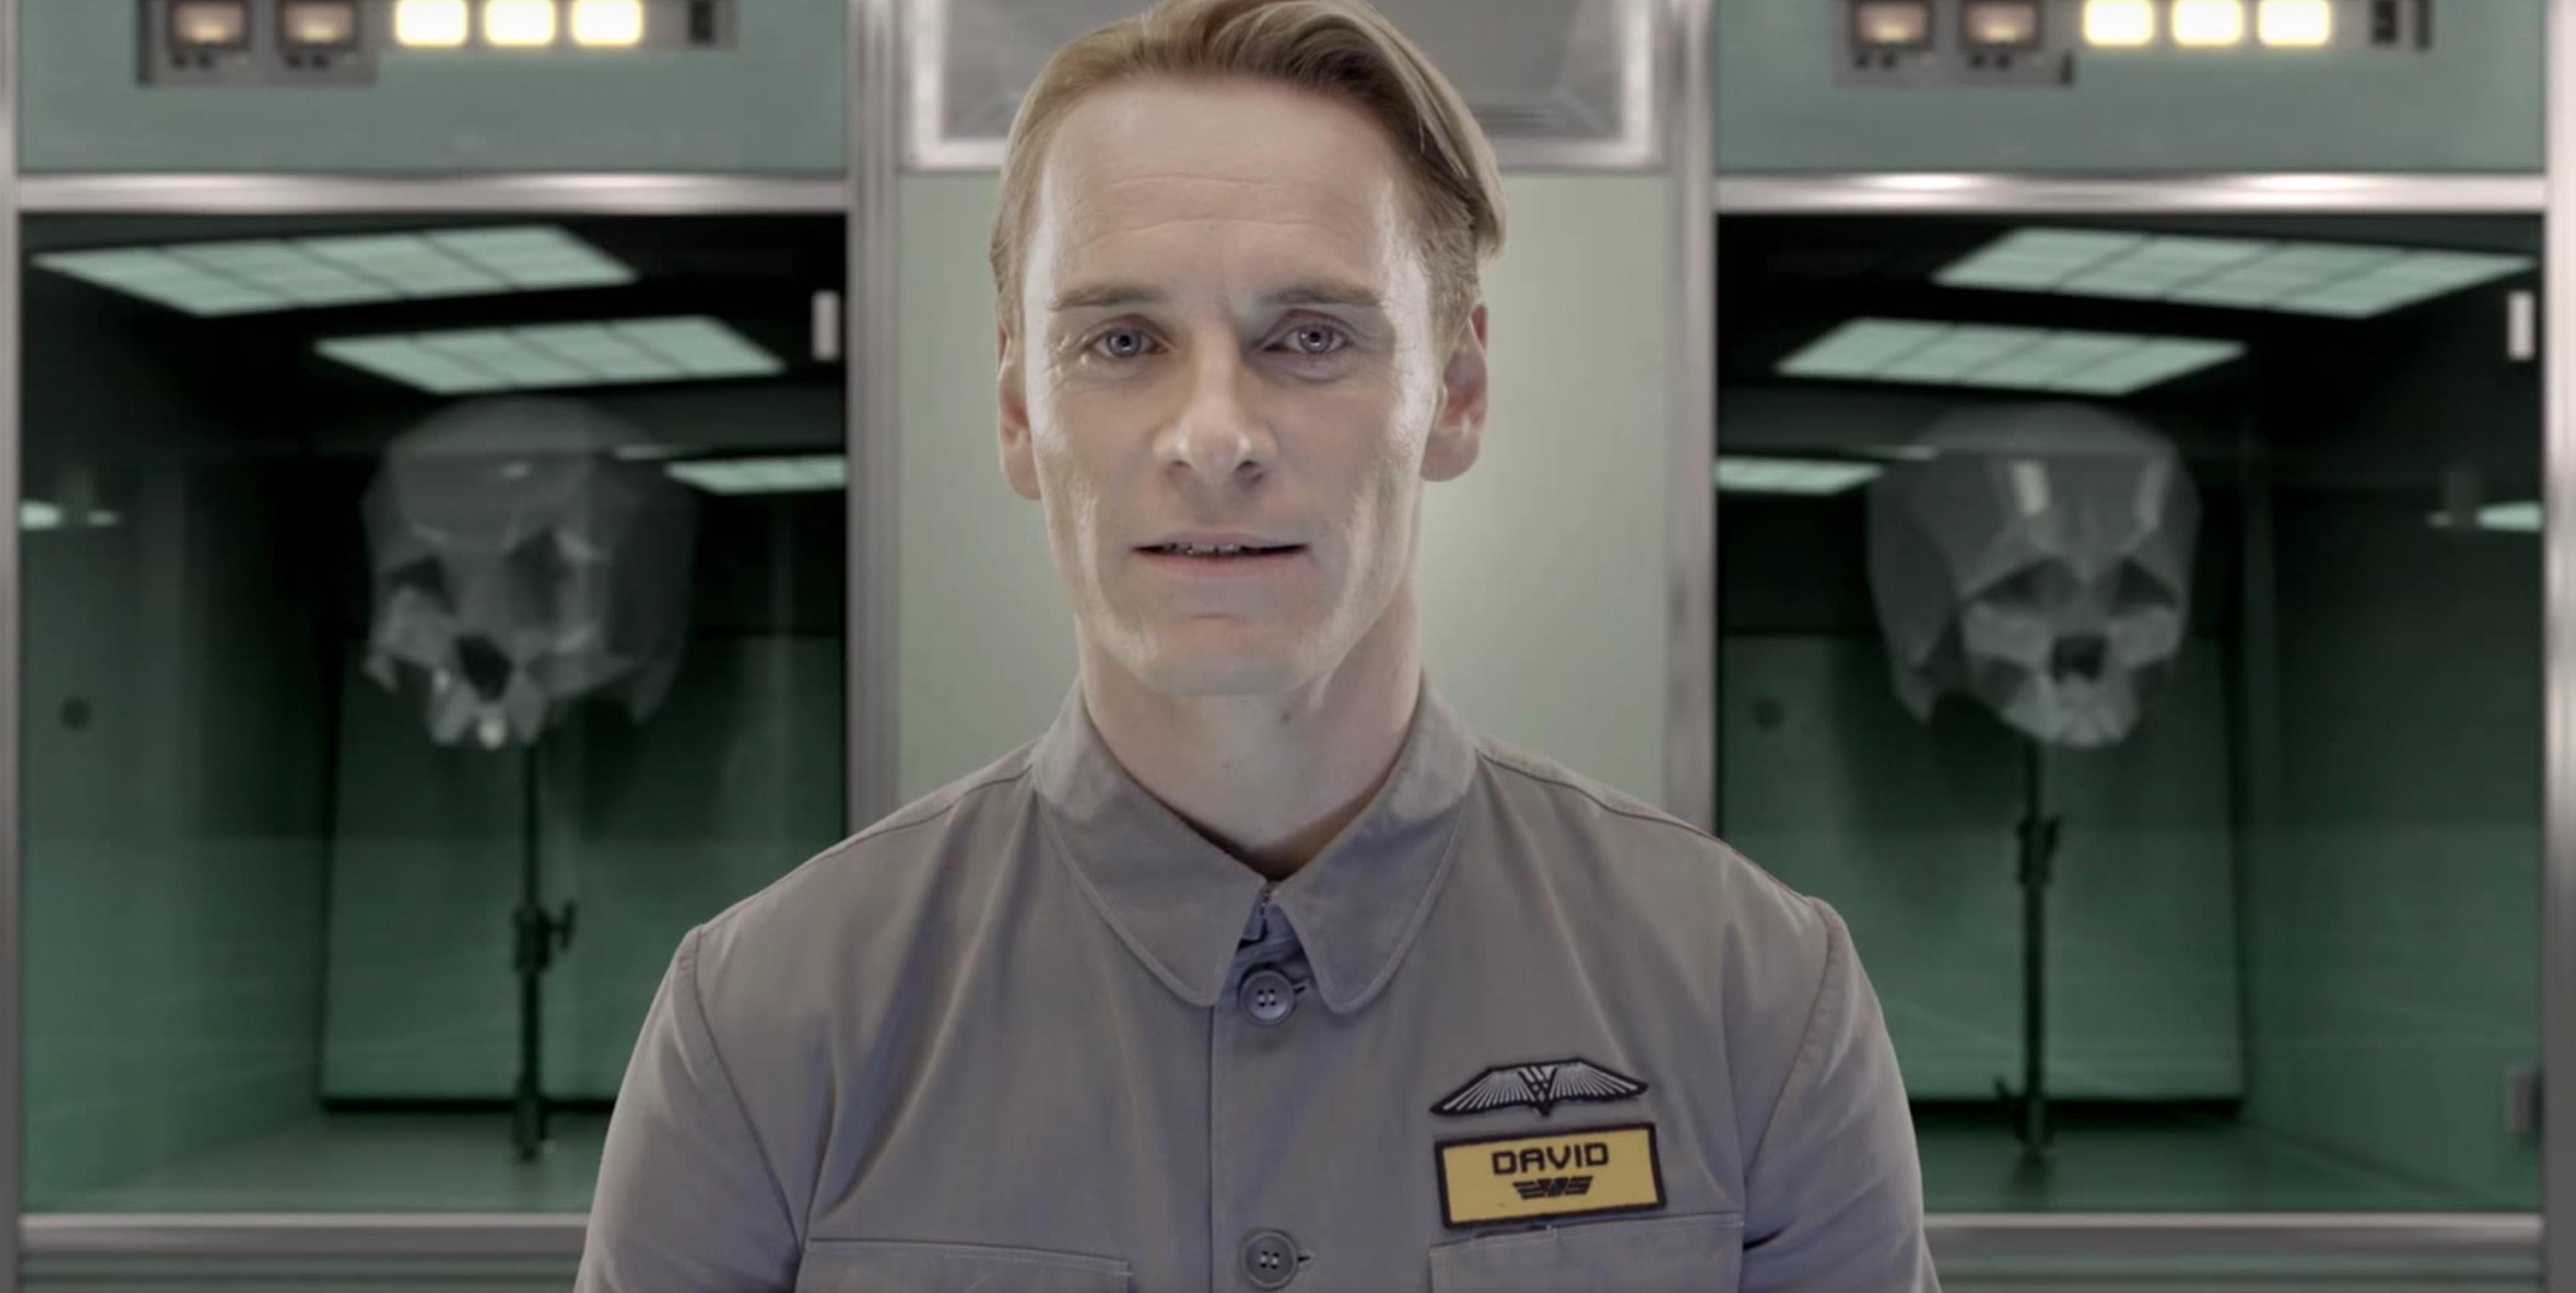 Fassbender as David 8 in 'Prometheus'.